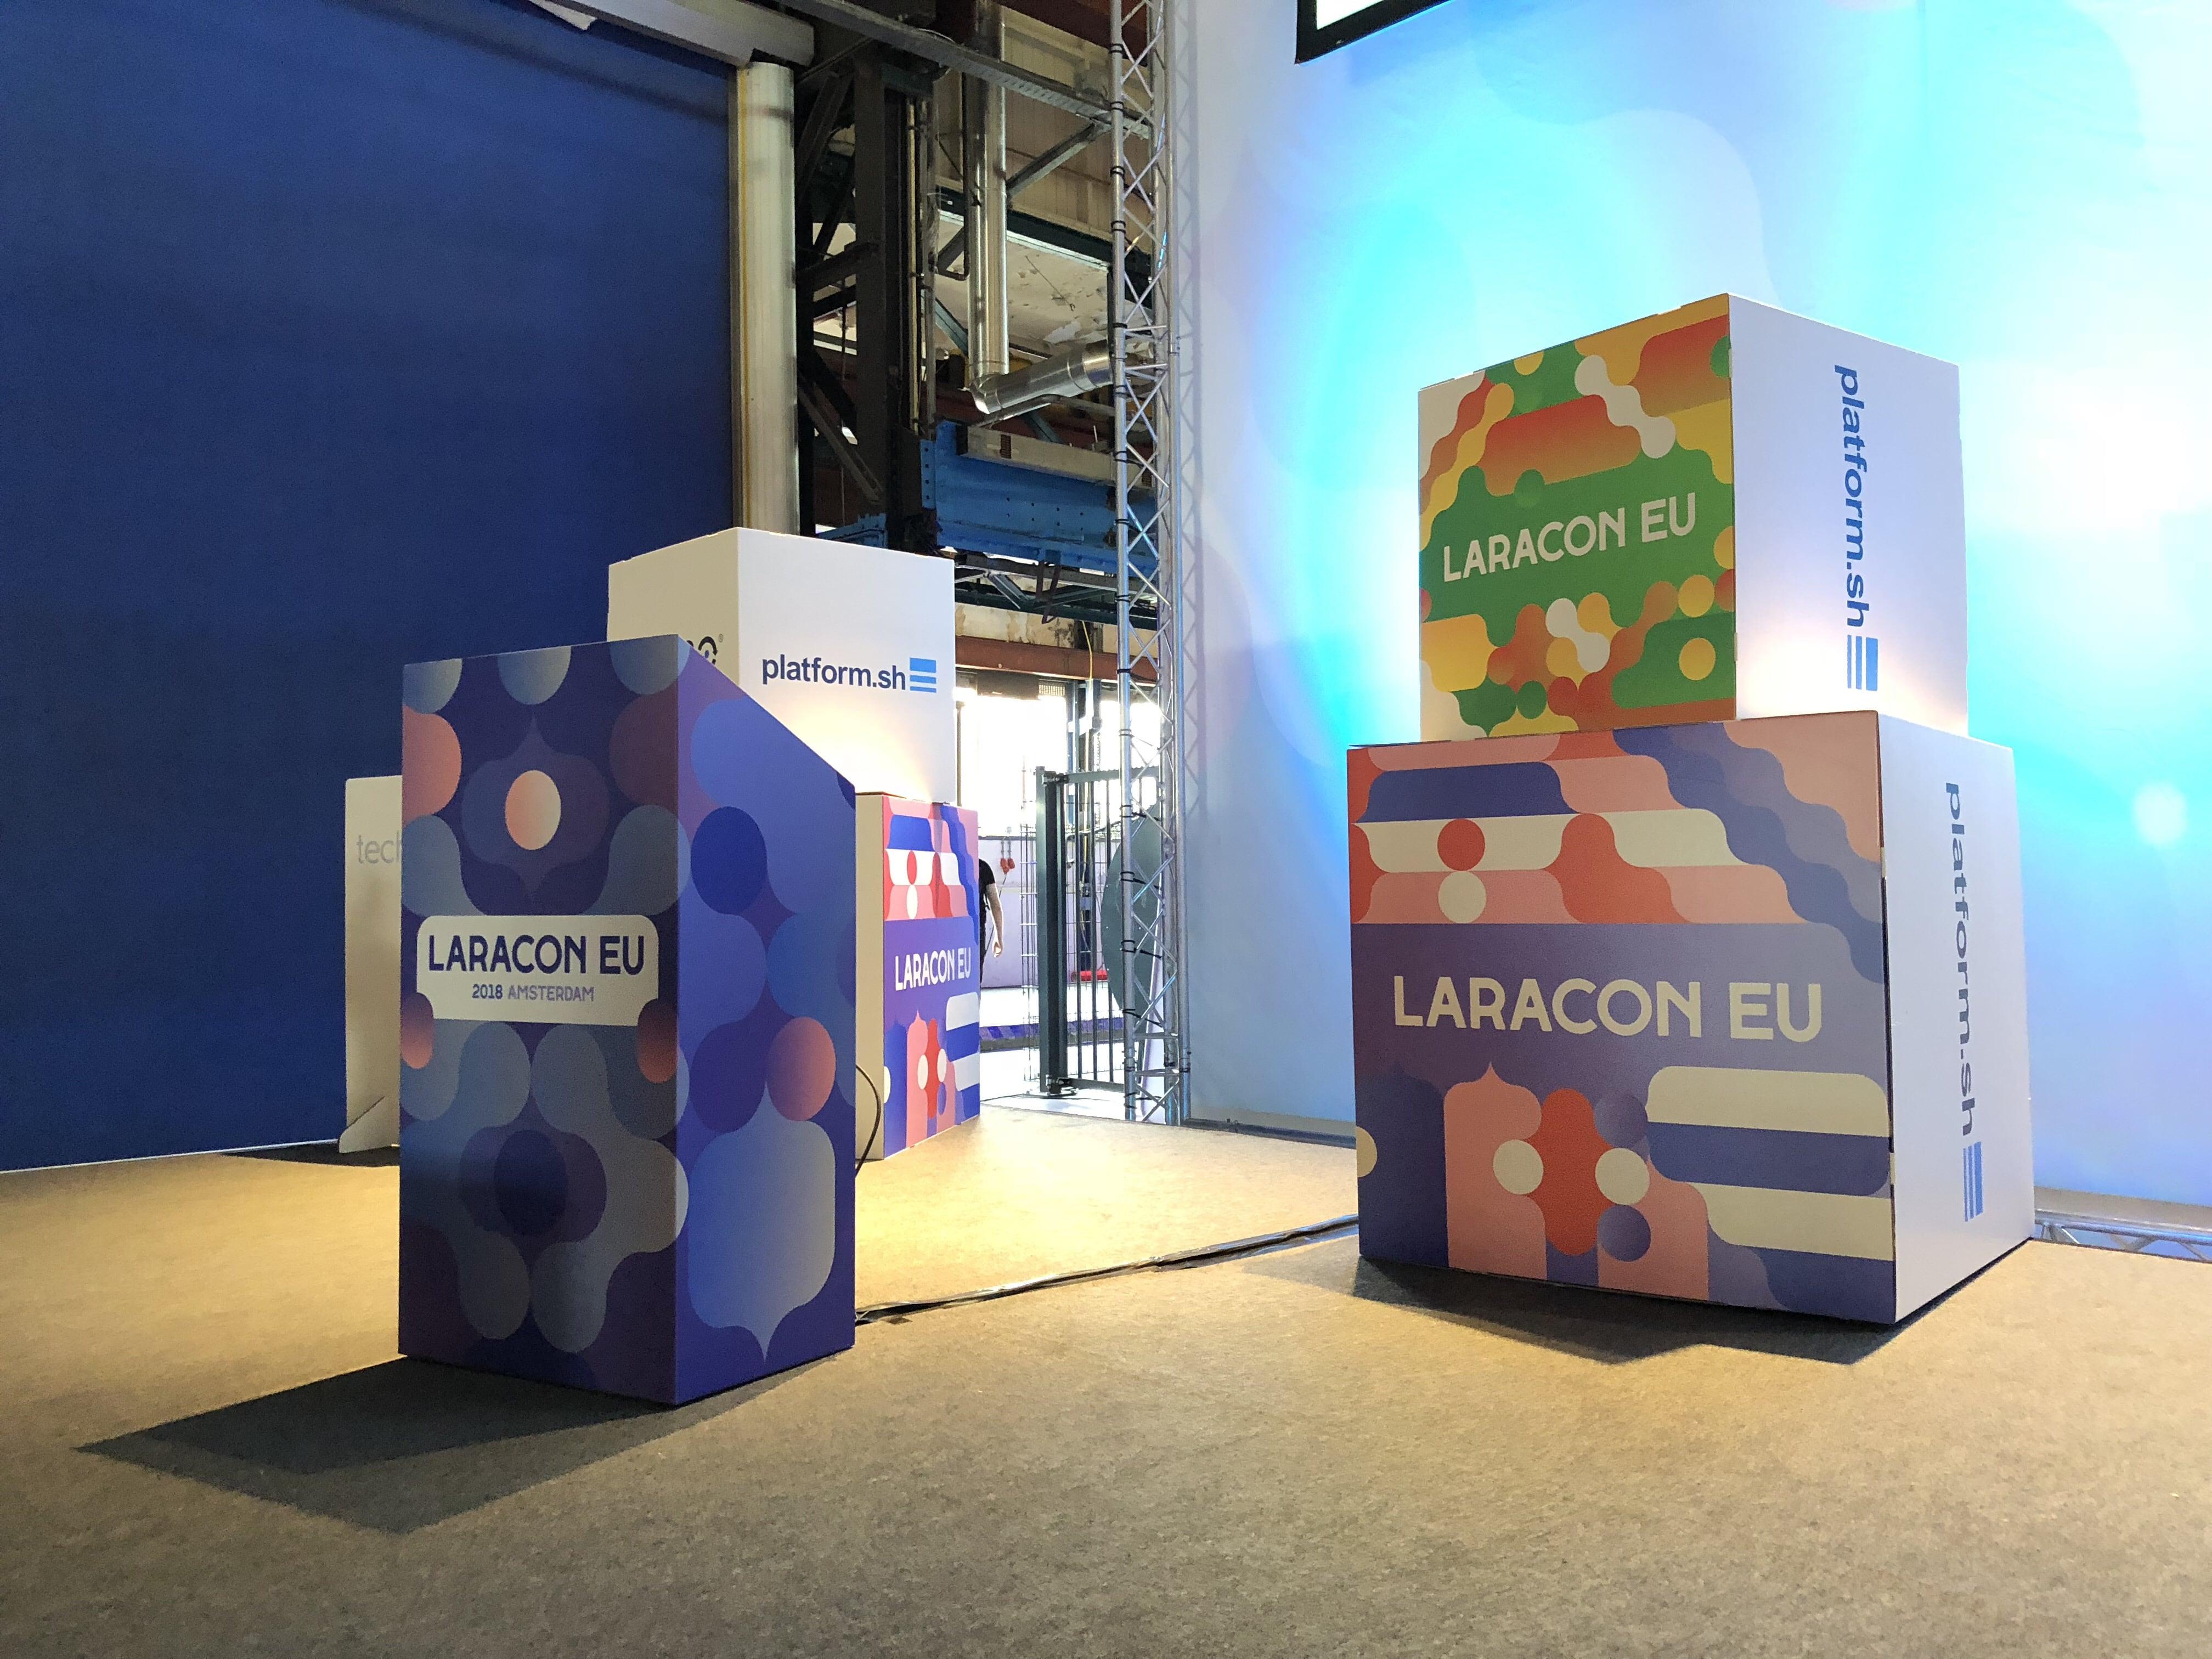 Laracon EU 2018